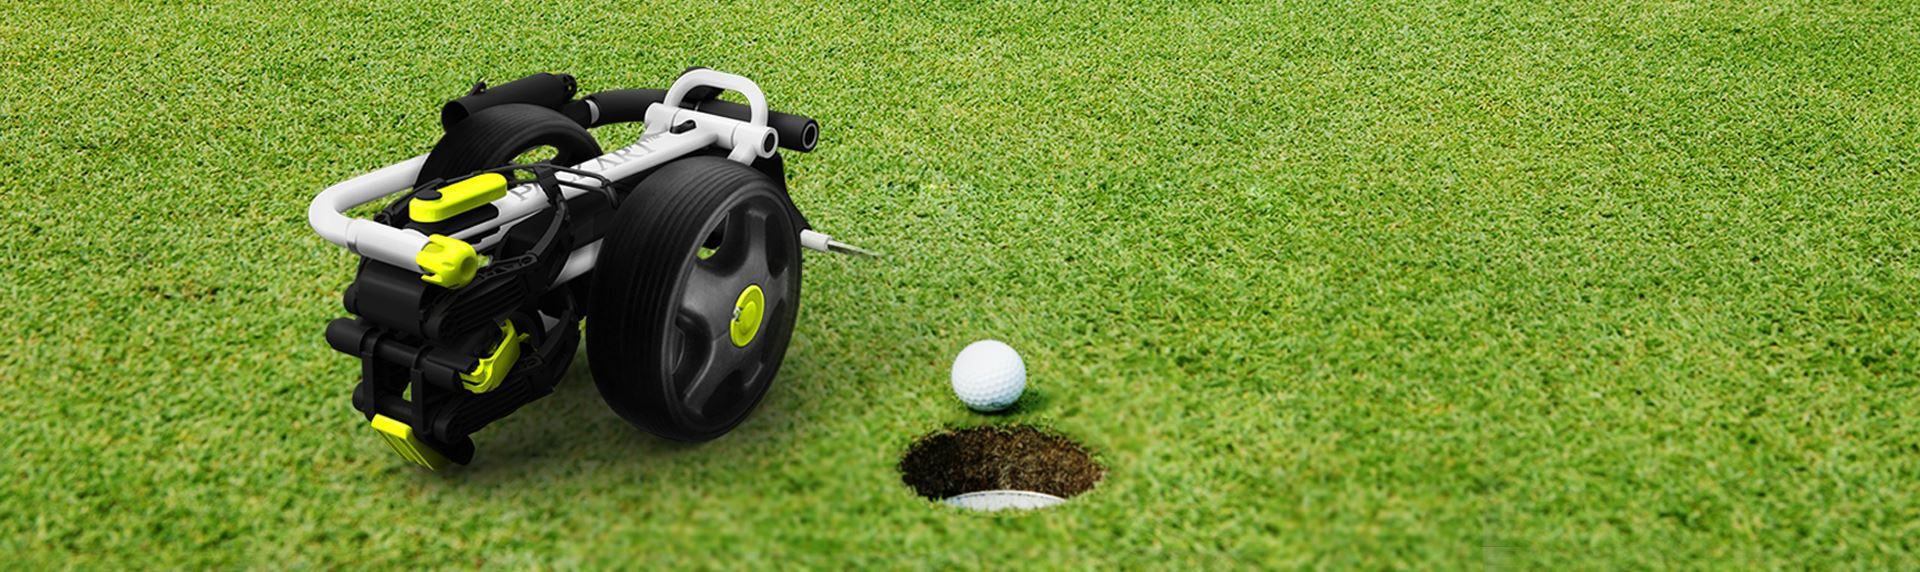 欧意设计-高尔夫球包车Golf Cart